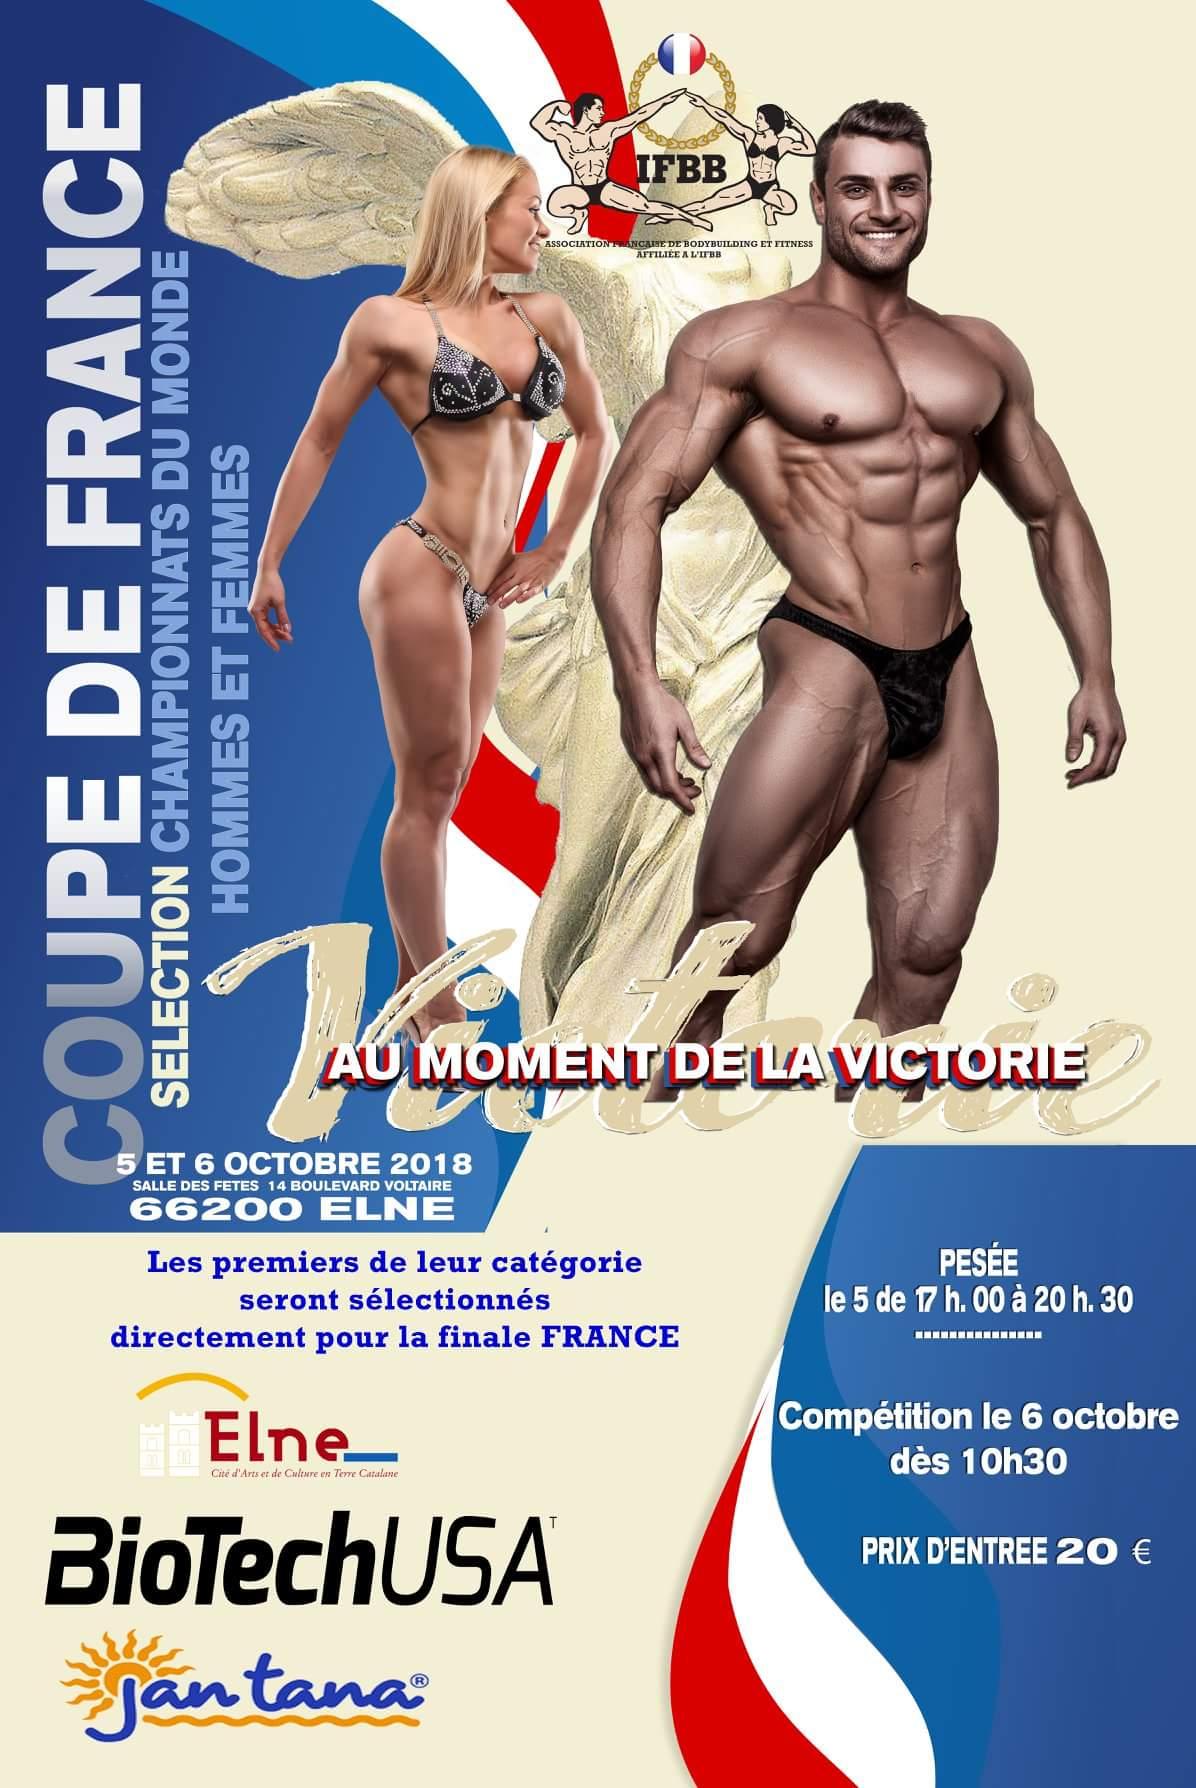 coupe-de-france-2018